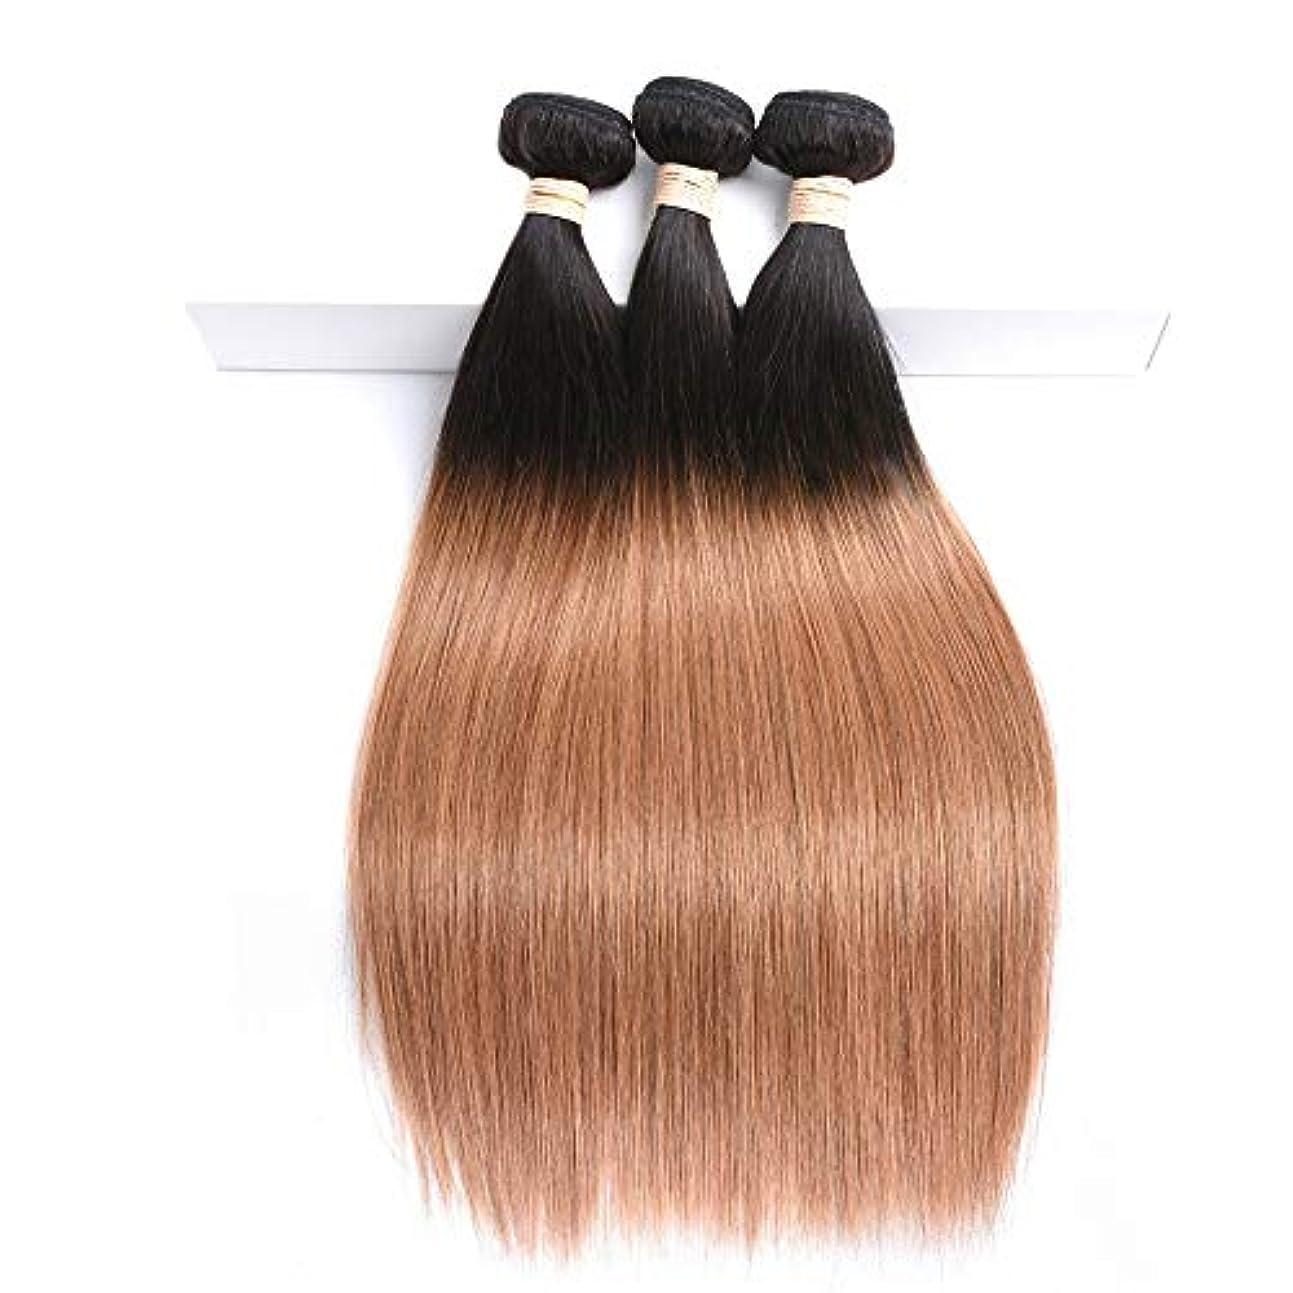 職人スムーズにみがきますWASAIO 長いウィッグストレートレミー人間の髪2つのトーン、人間の髪かつら - #1 T1B / 30人毛バンドル(1バンドル、100G、8